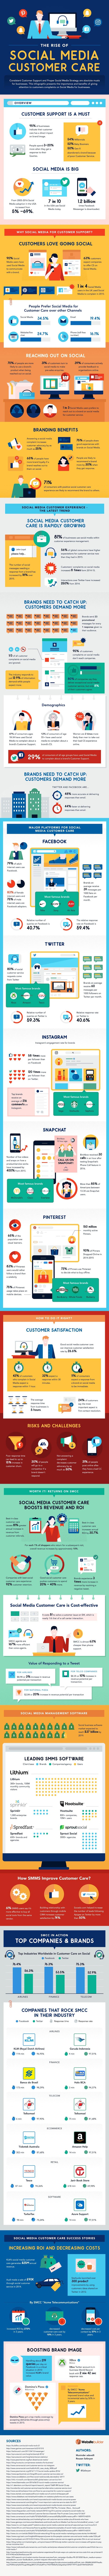 El ascenso del servicio al cliente en social media, hechos y estadísticas